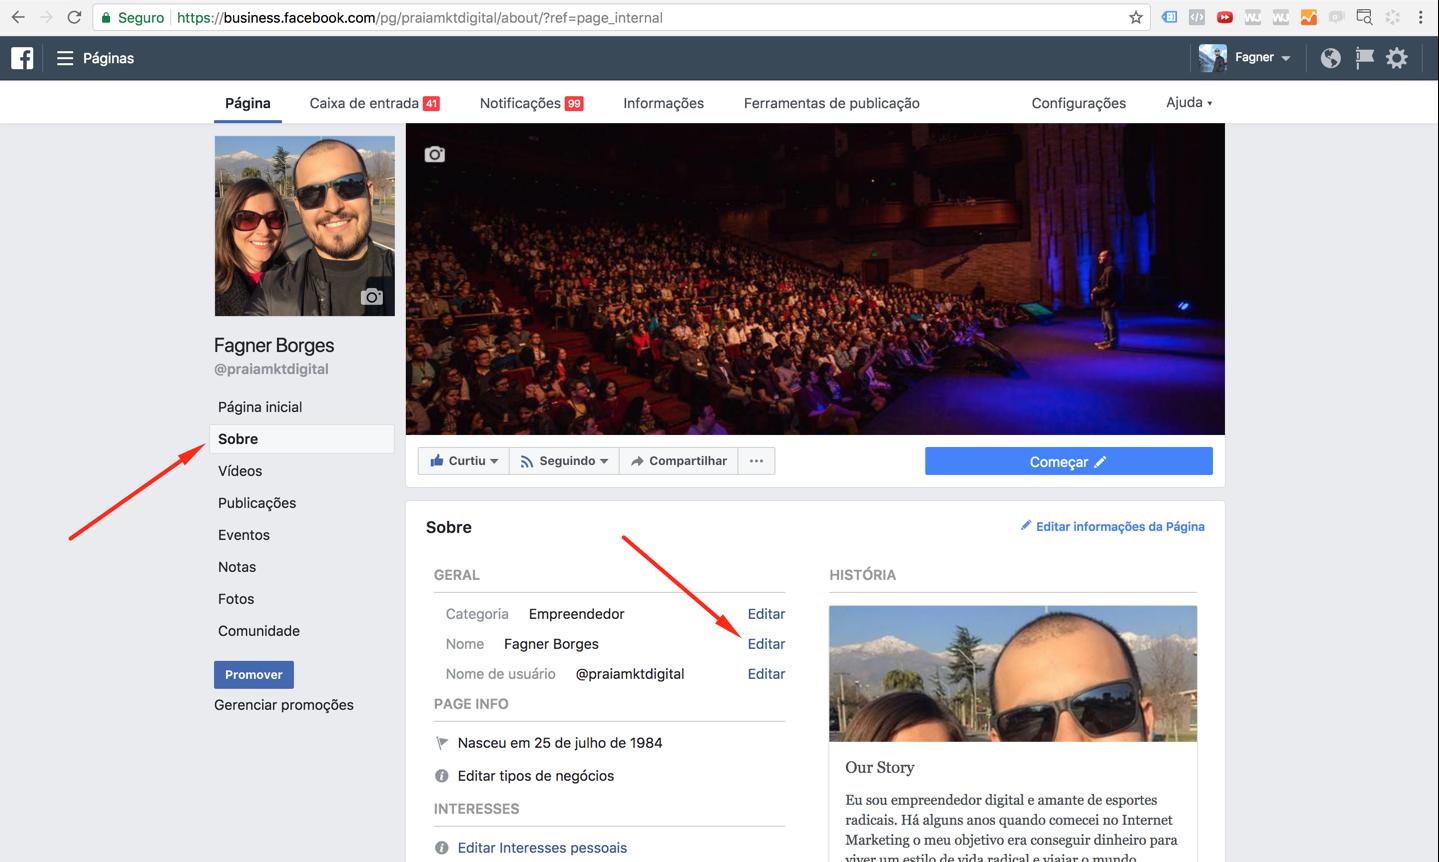 editar nome da página facebook